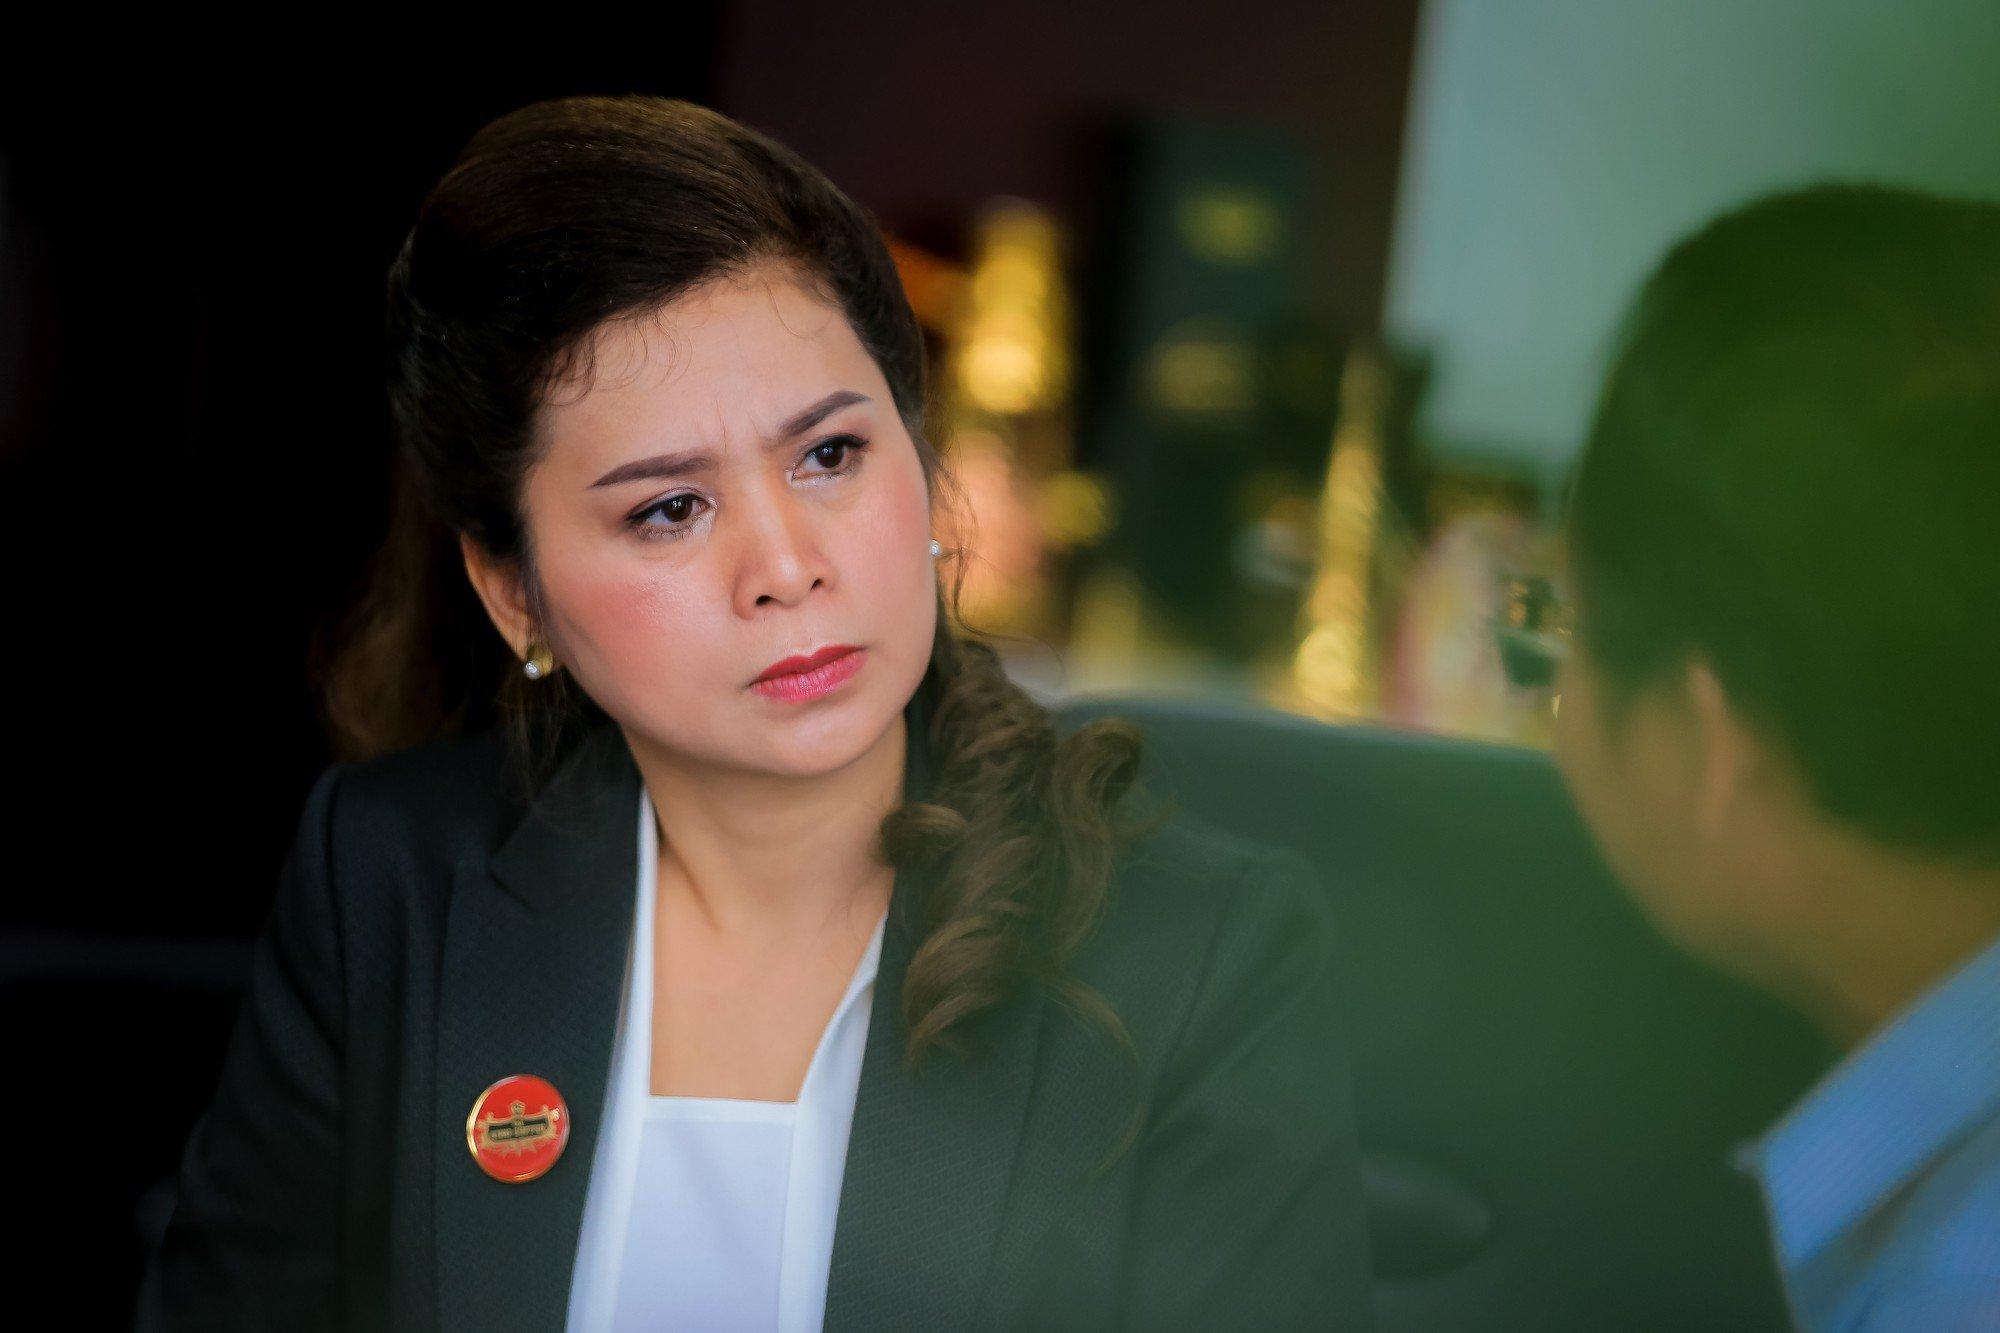 Hình ảnh Sau sự xuất hiện đầy bất ngờ của chồng, bà Lê Hoàng Diệp Thảo tuyên bố từ bây giờ sẽ chỉ nói chuyện kinh doanh số 2